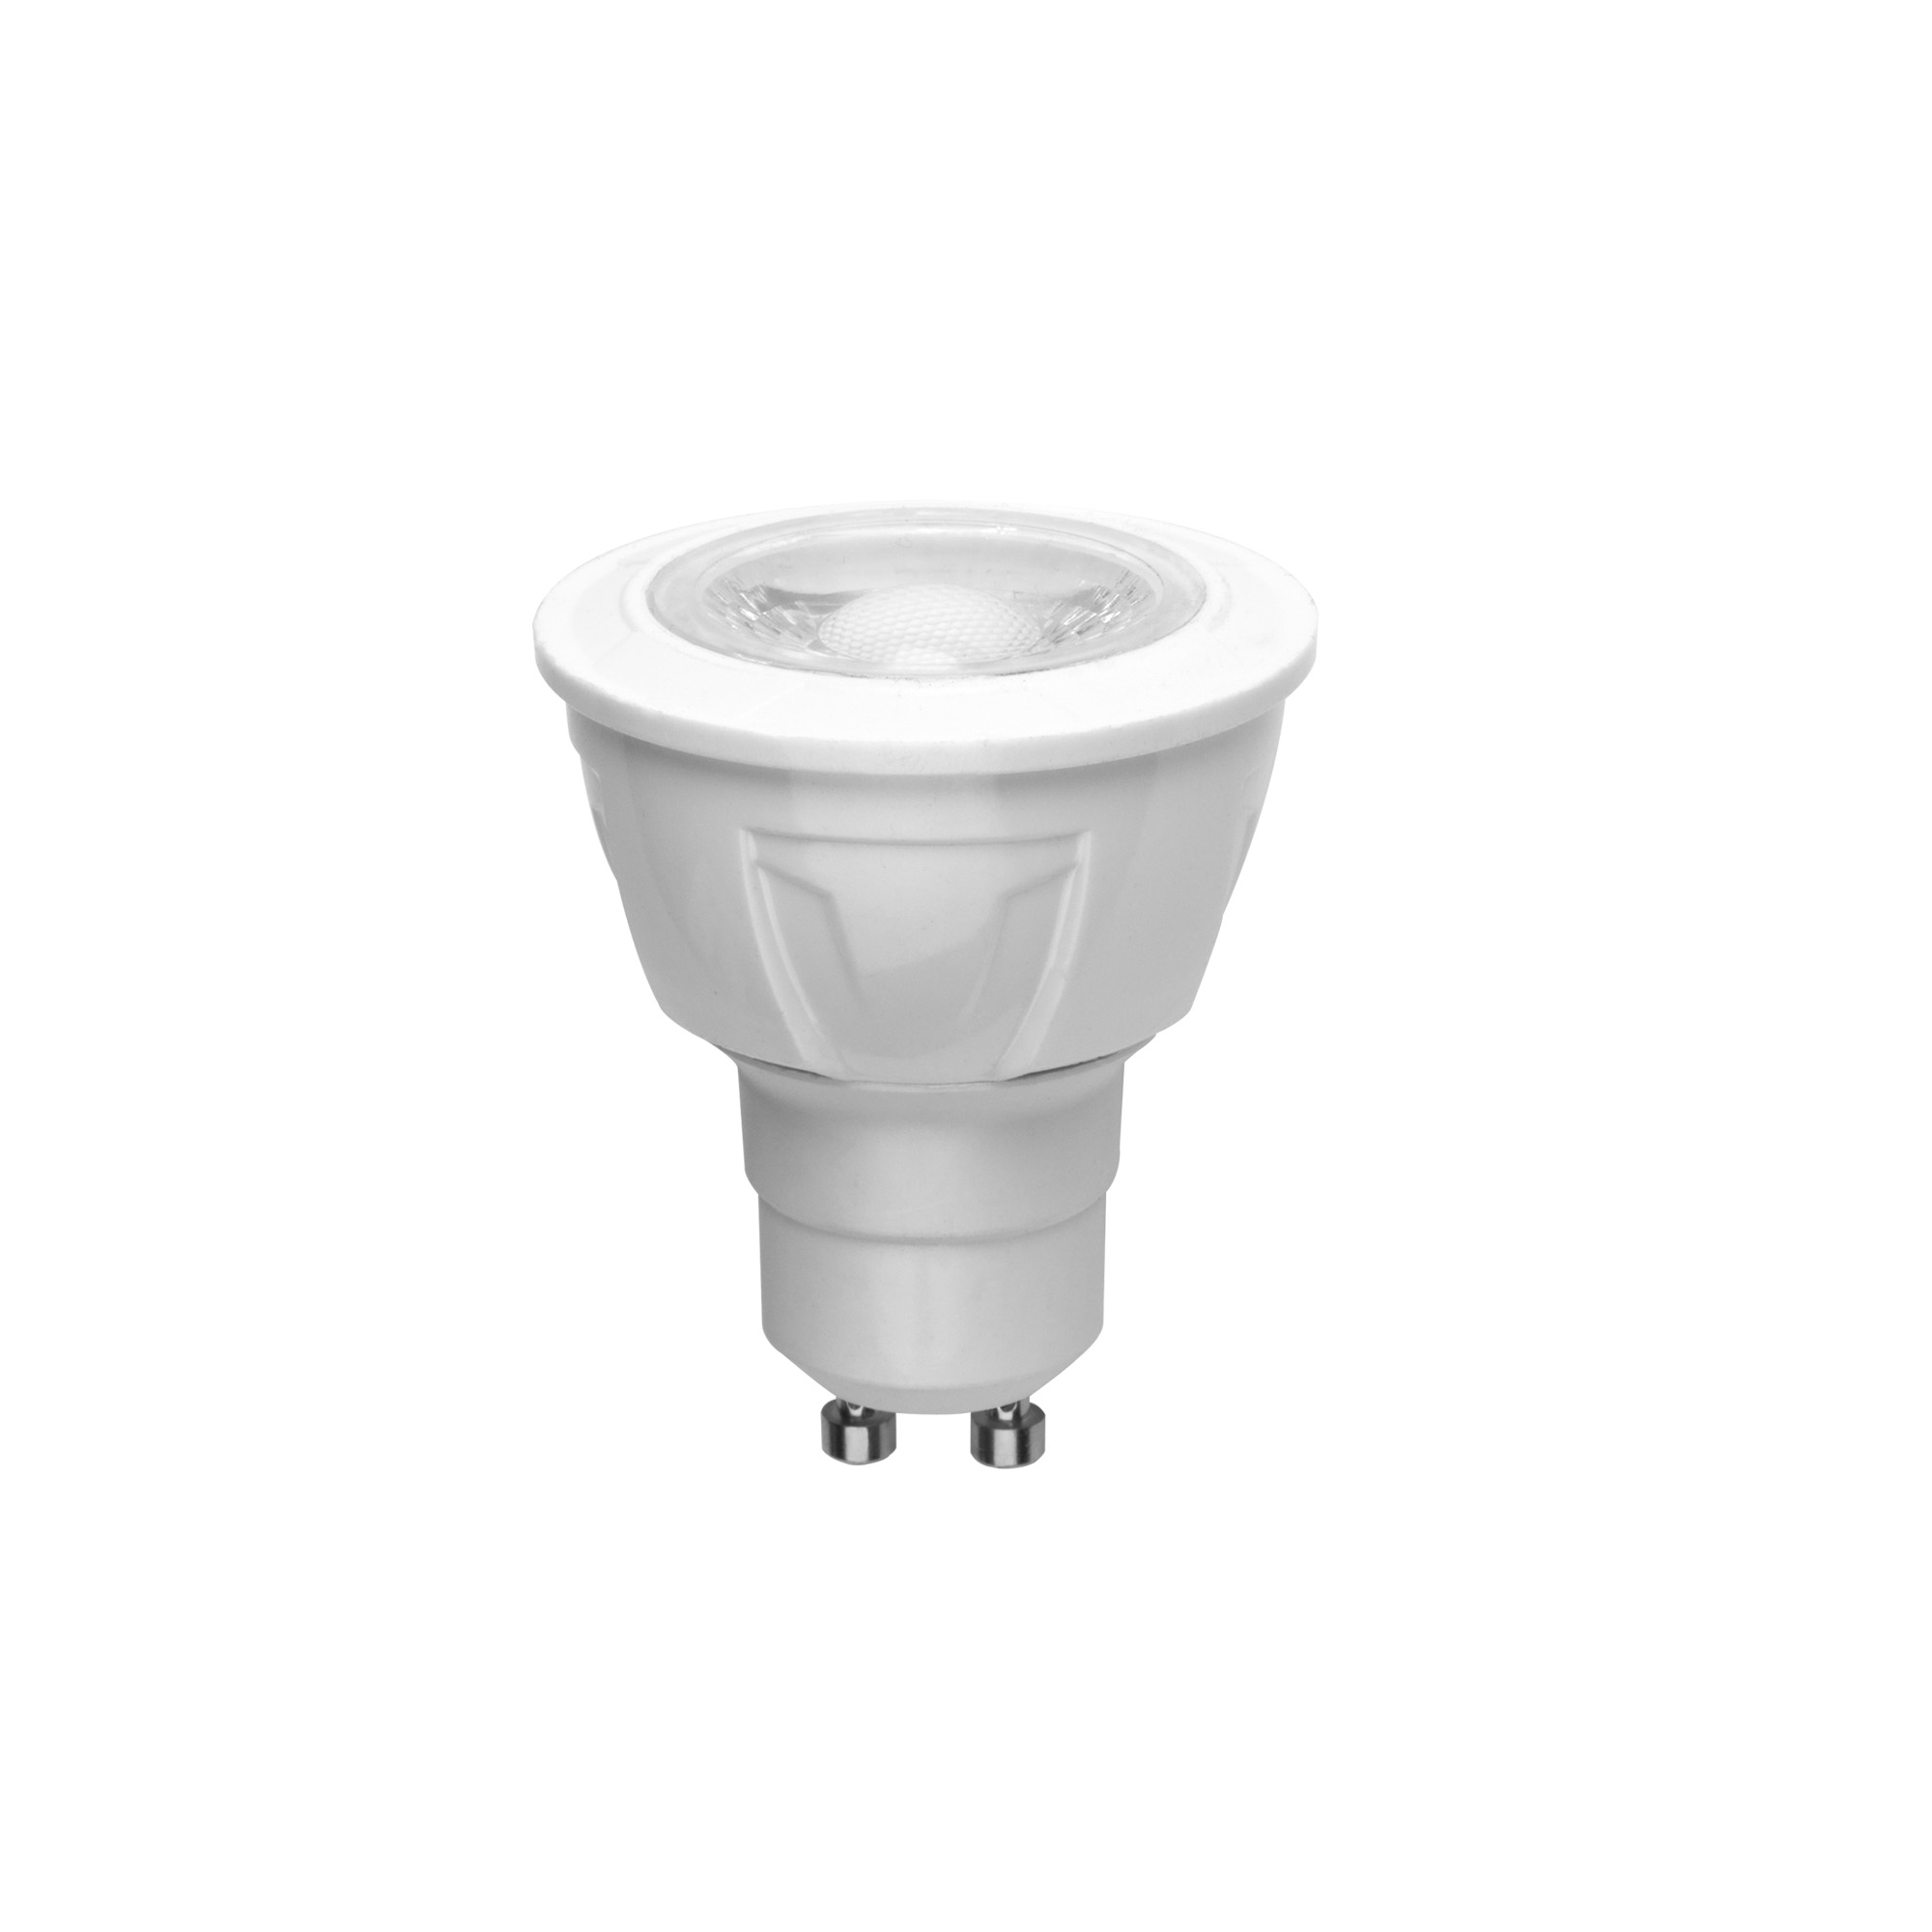 Лампа светодиодная Volpe Led-jcdr-5w/nw/gu10/s  (LED-JCDR-5W/NW/GU10/S картон)